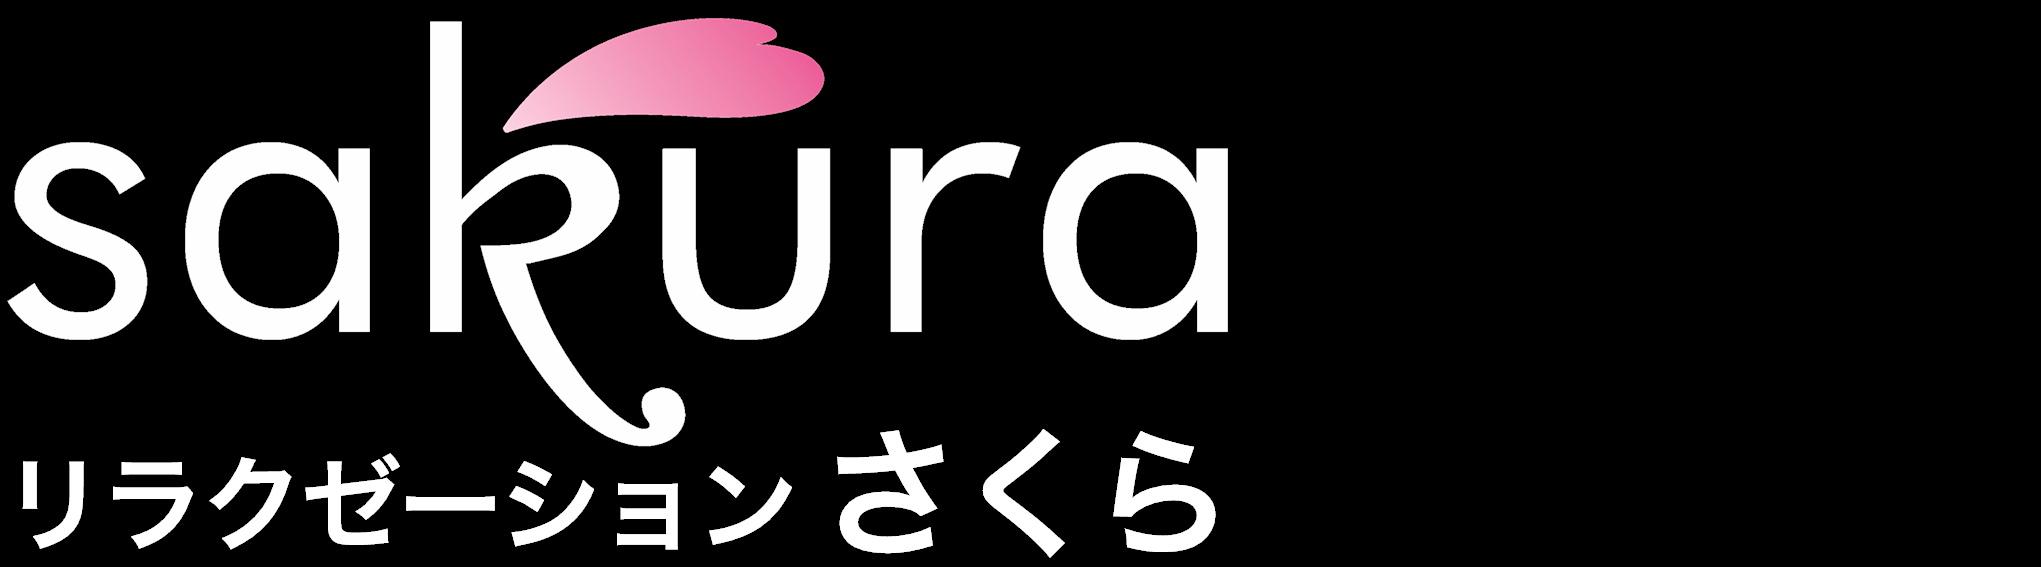 リラクゼーション sakura 本店